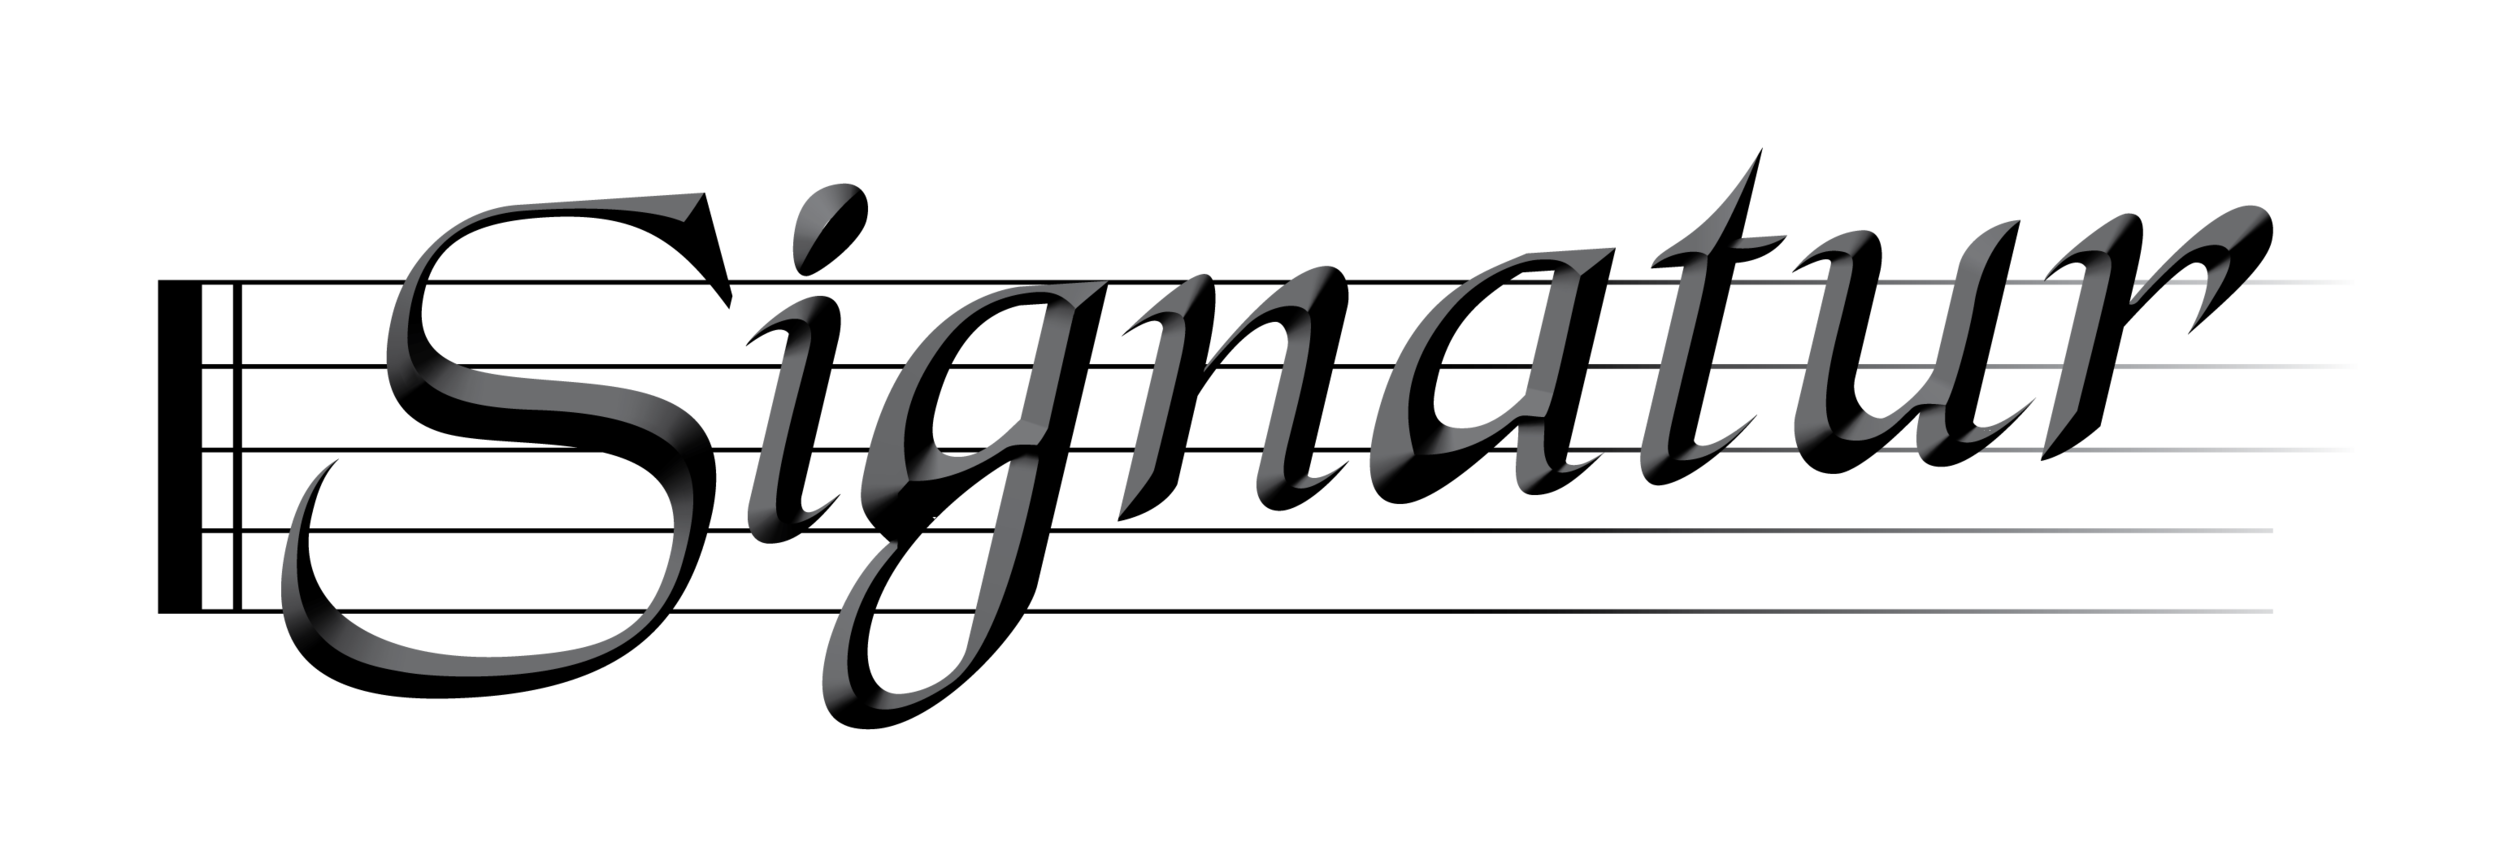 Signatur rgb.png